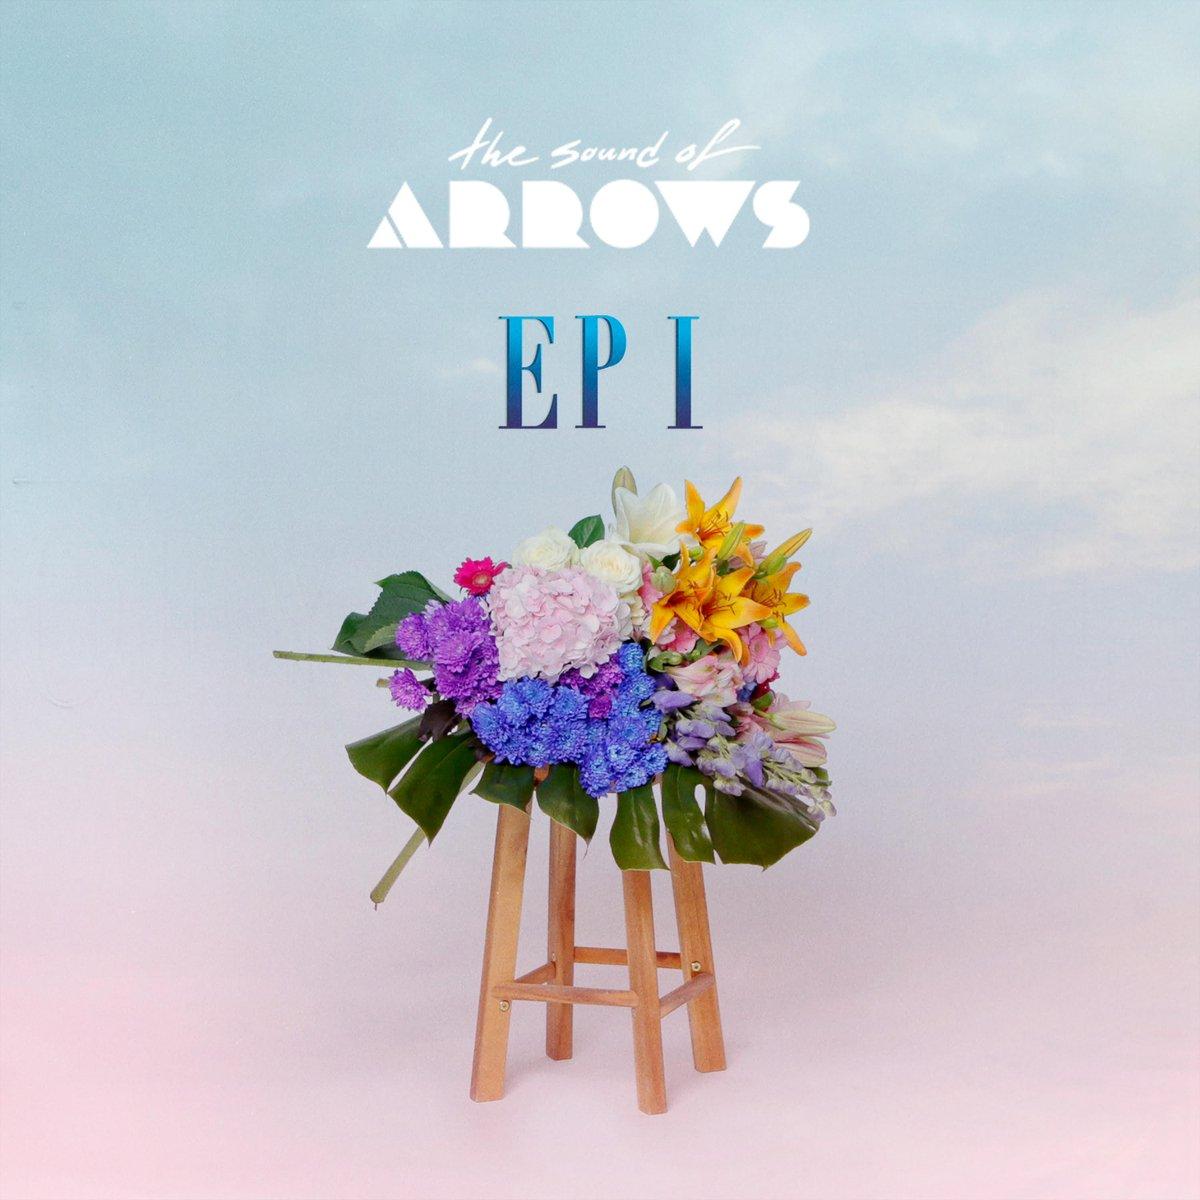 TheSoundOfArrows_EP1